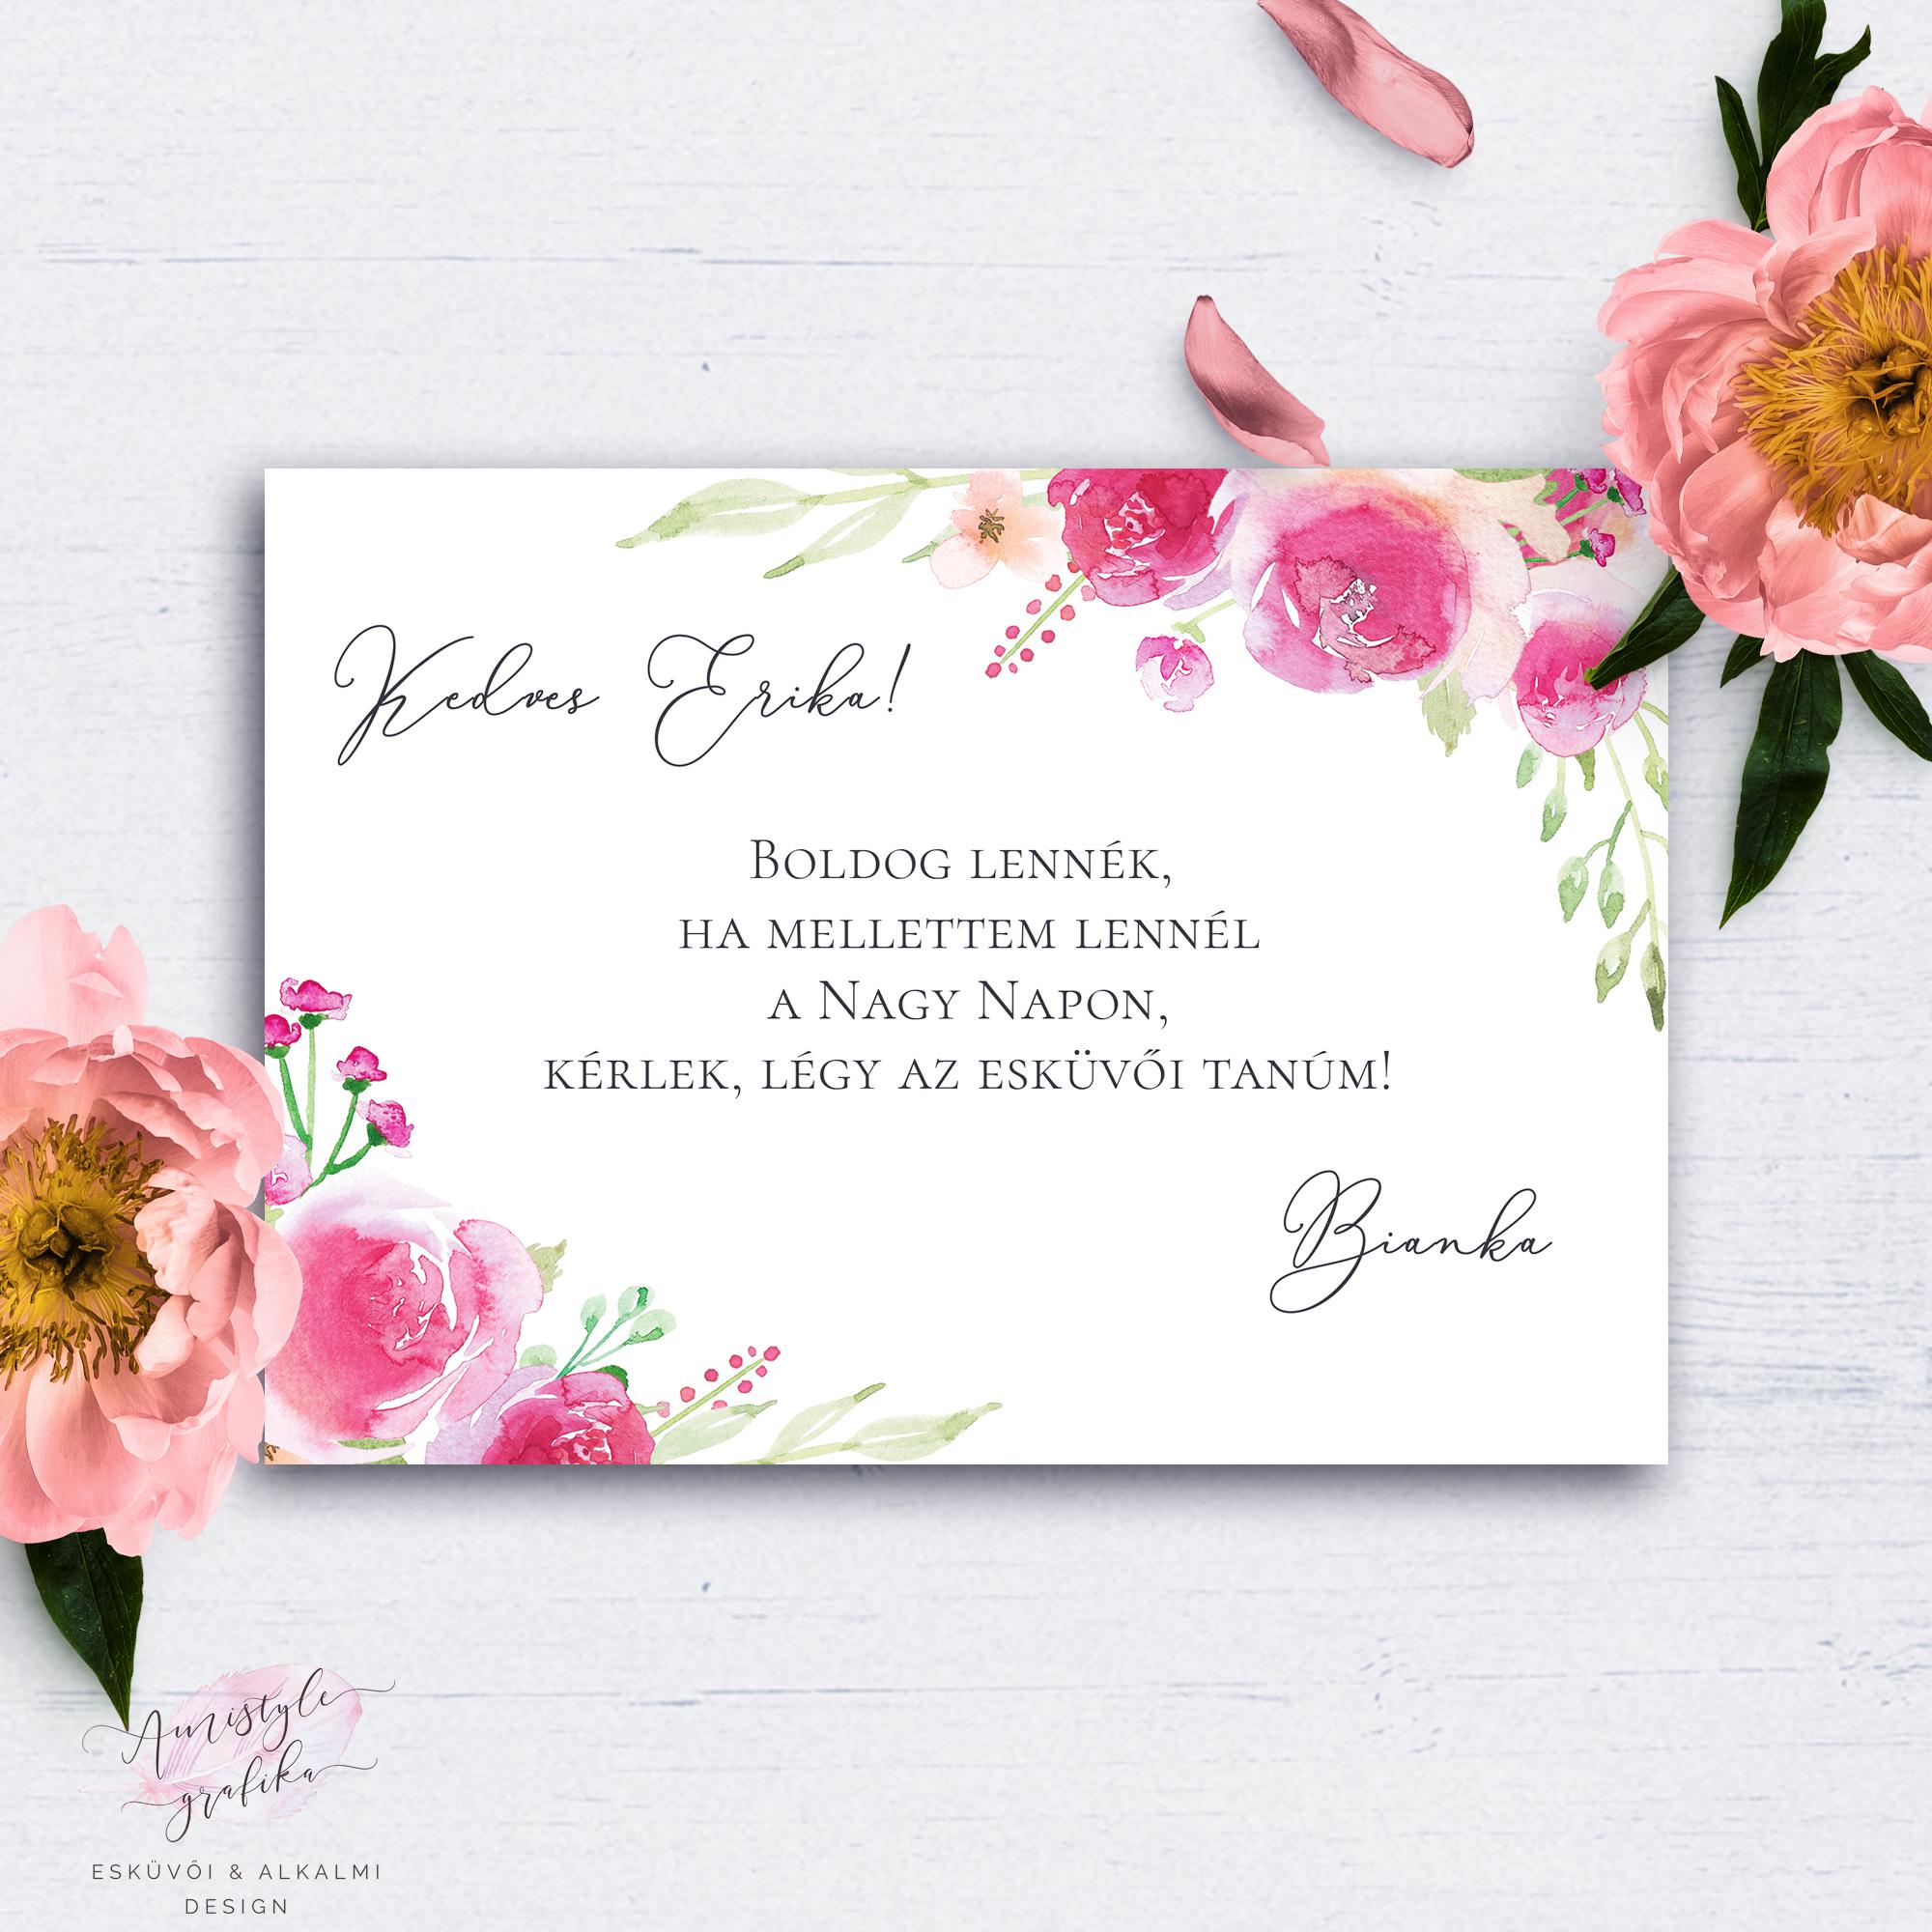 f0a1a2ca95 Pink-Barack Virágos Esküvői Tanú Felkérő Kártya - Esküvői Meghívó, Alkalmi  és Családi Grafika